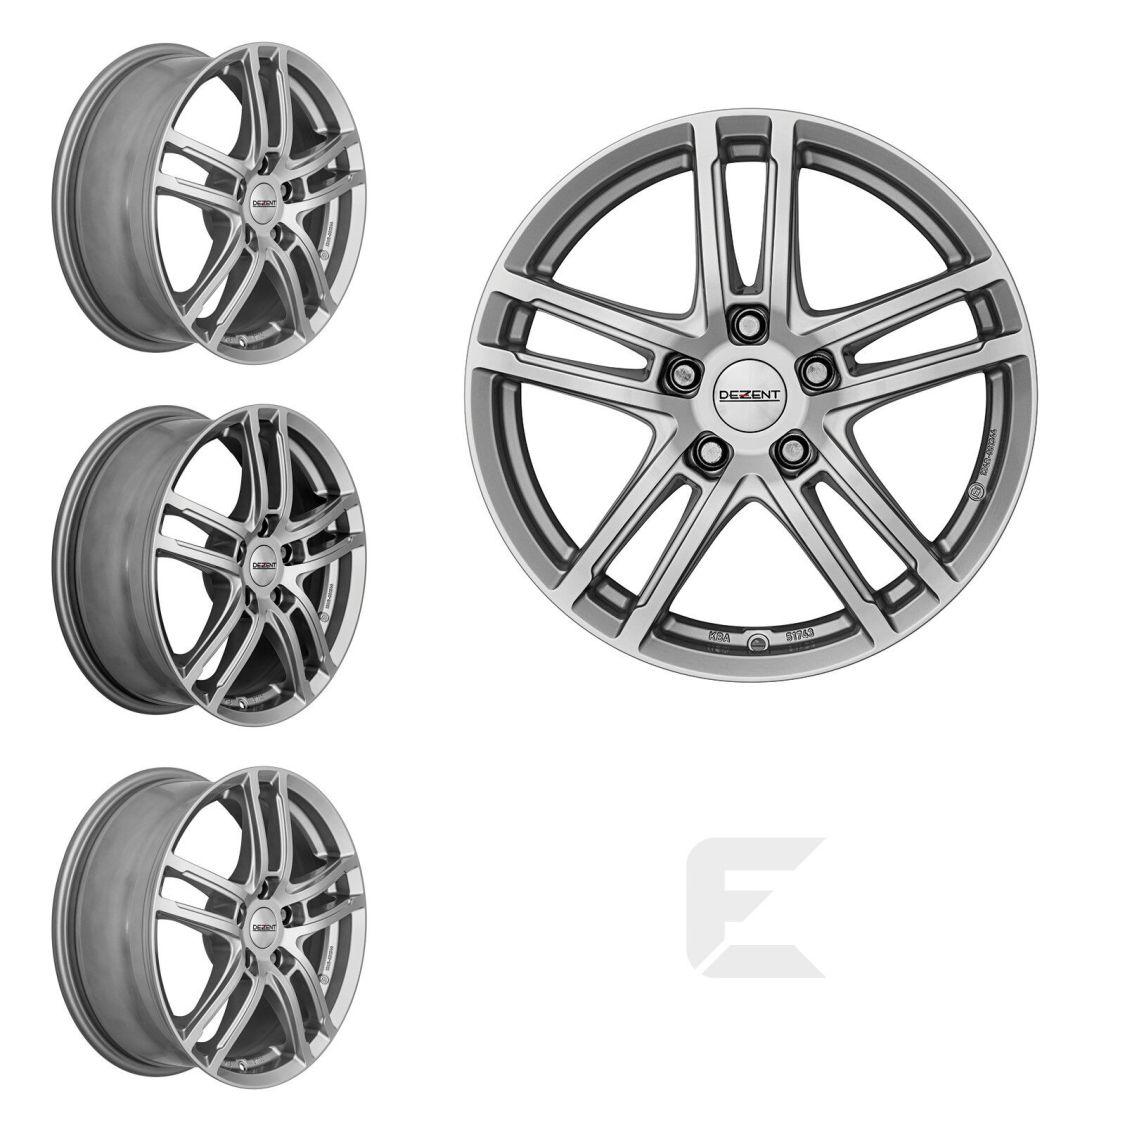 4x 16 Zoll Alufelgen für Chevrolet Aveo, (4-Türer) / Dezent TZ (B-83002158)